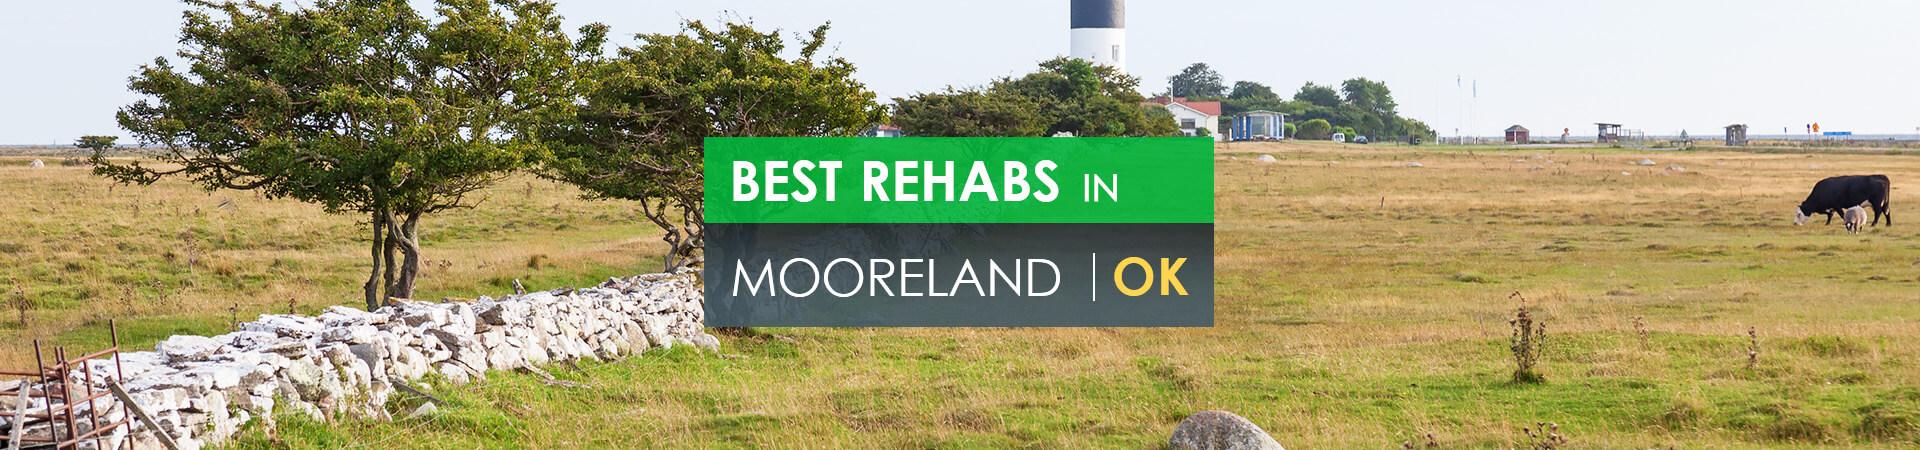 Best rehabs in Mooreland, OK